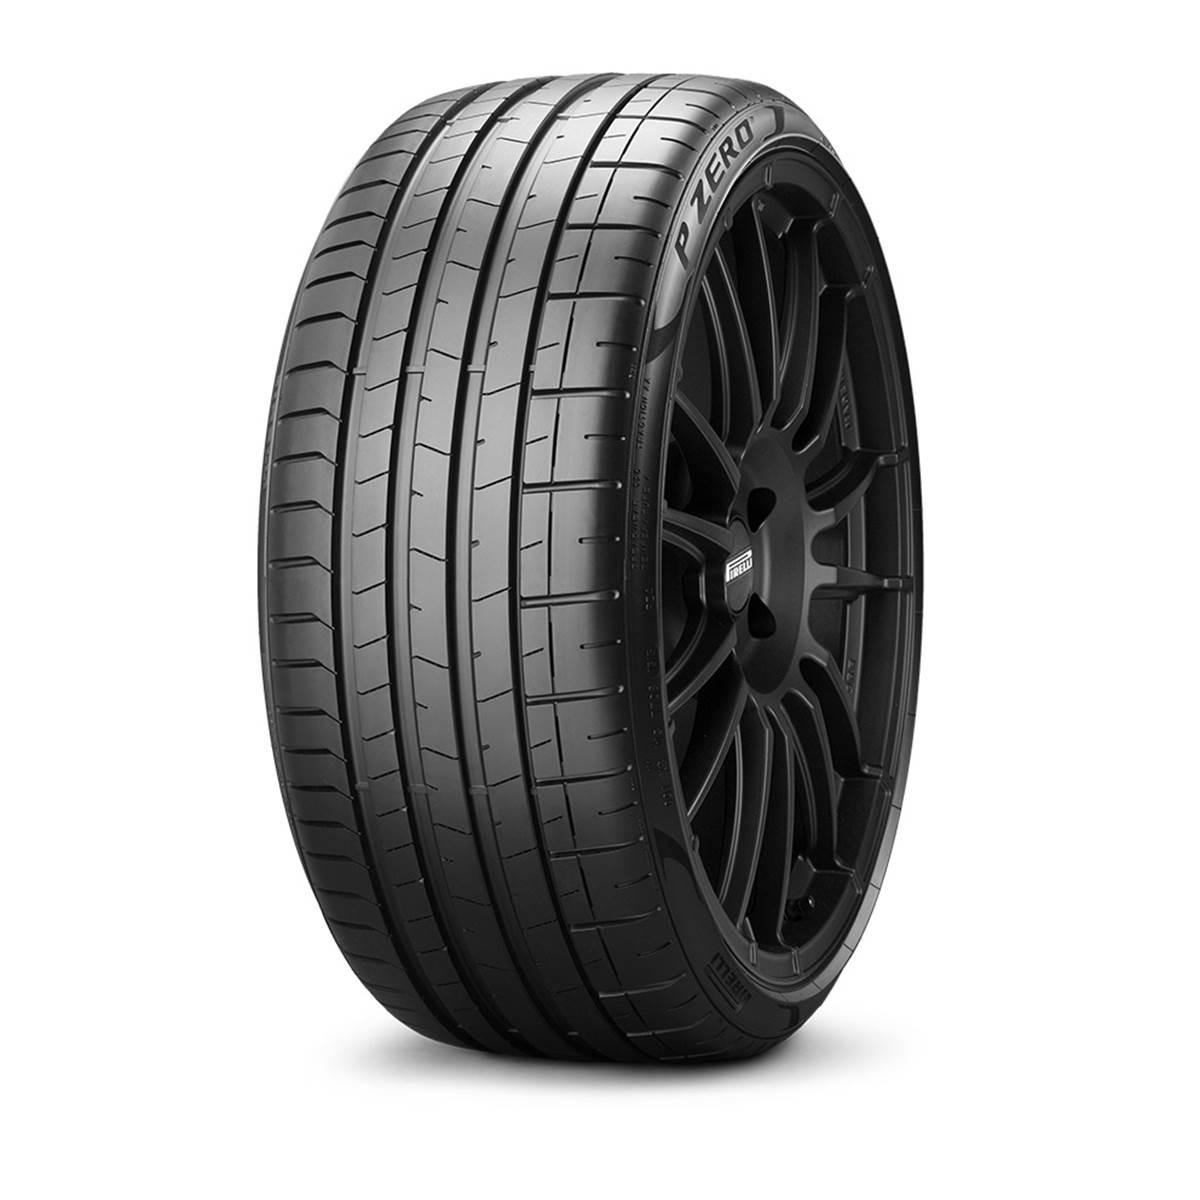 Pneu Pirelli 285/35R19 103Y Pzero XL